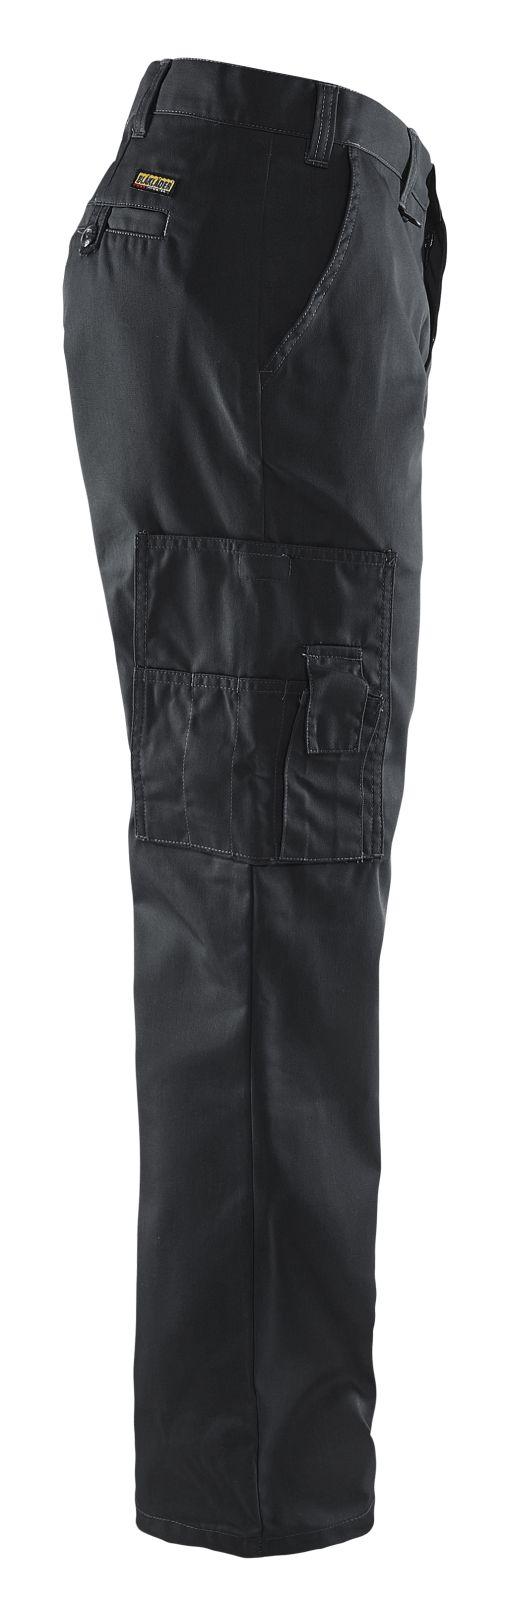 Blaklader Werkbroeken 14001800 zwart(9900)